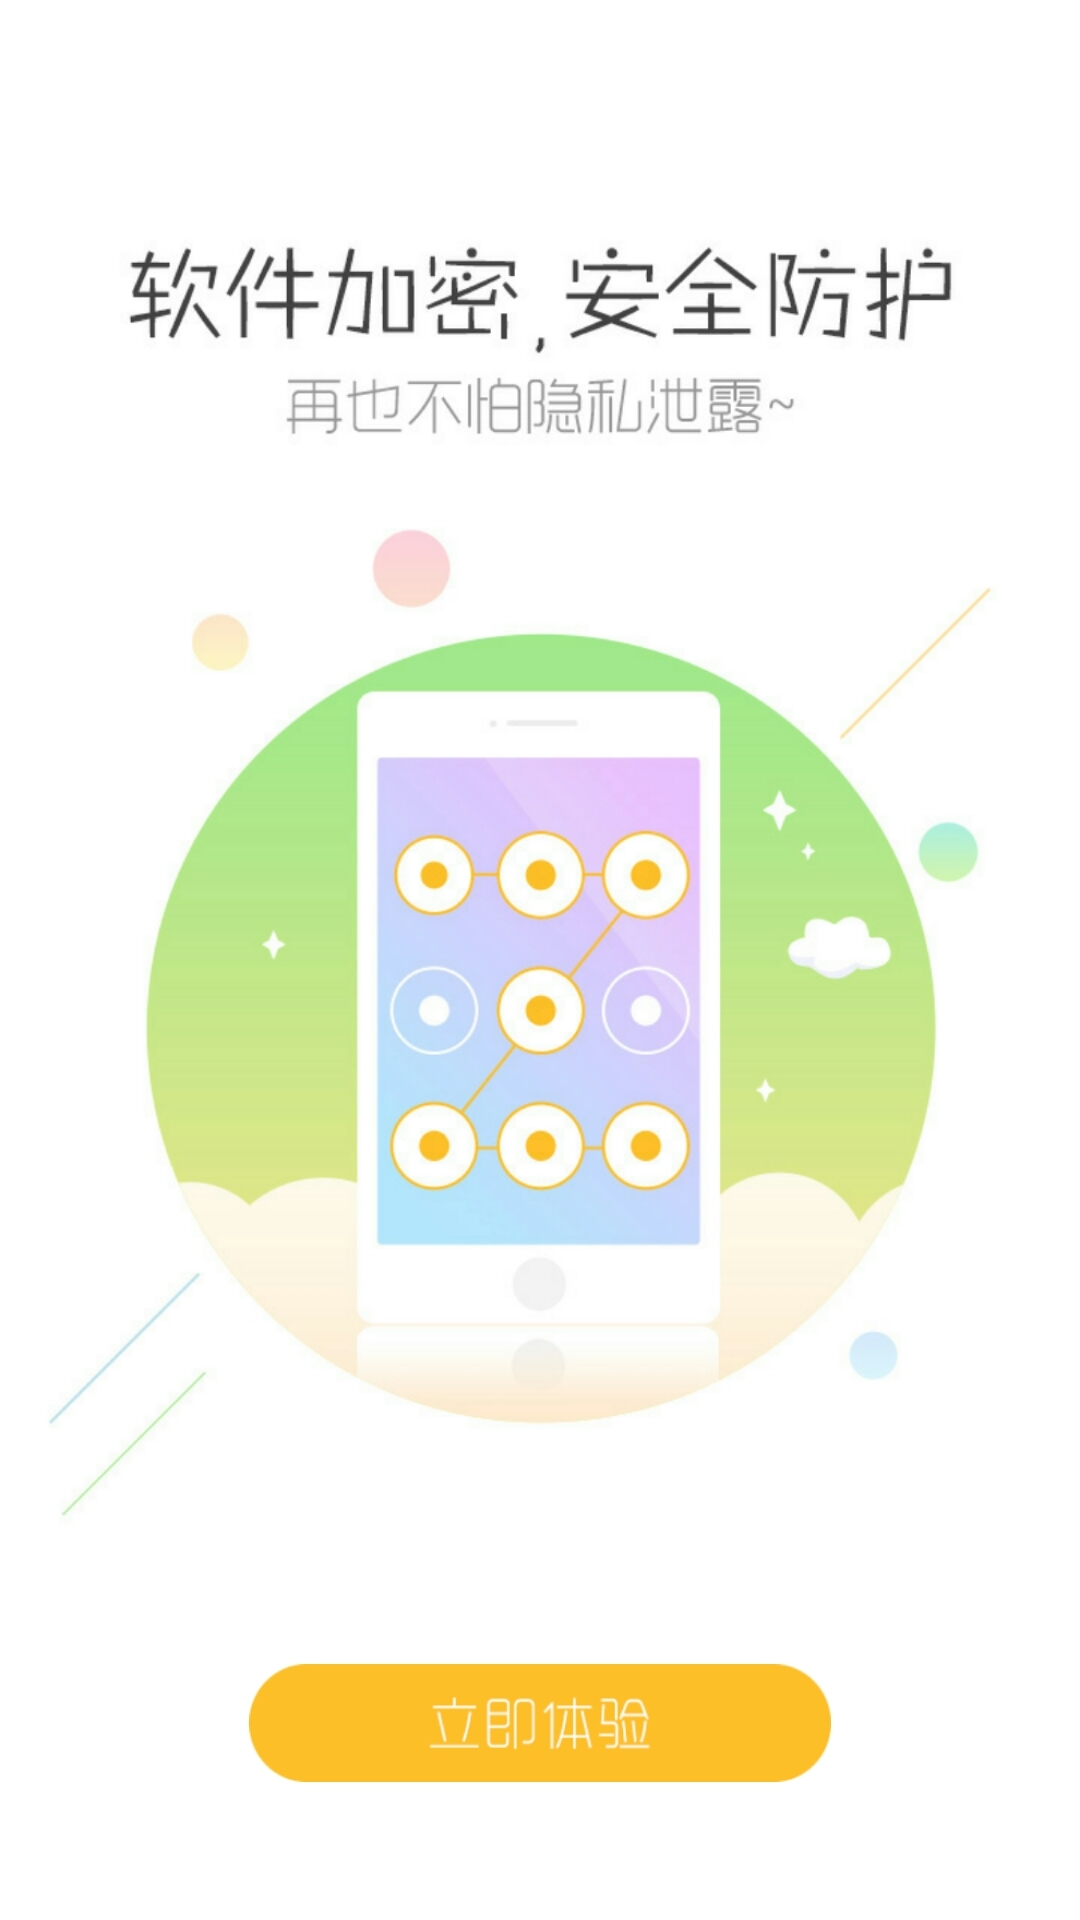 神马看书邀请码下载,神马看书软件邀请码app下载 v3.32 ...